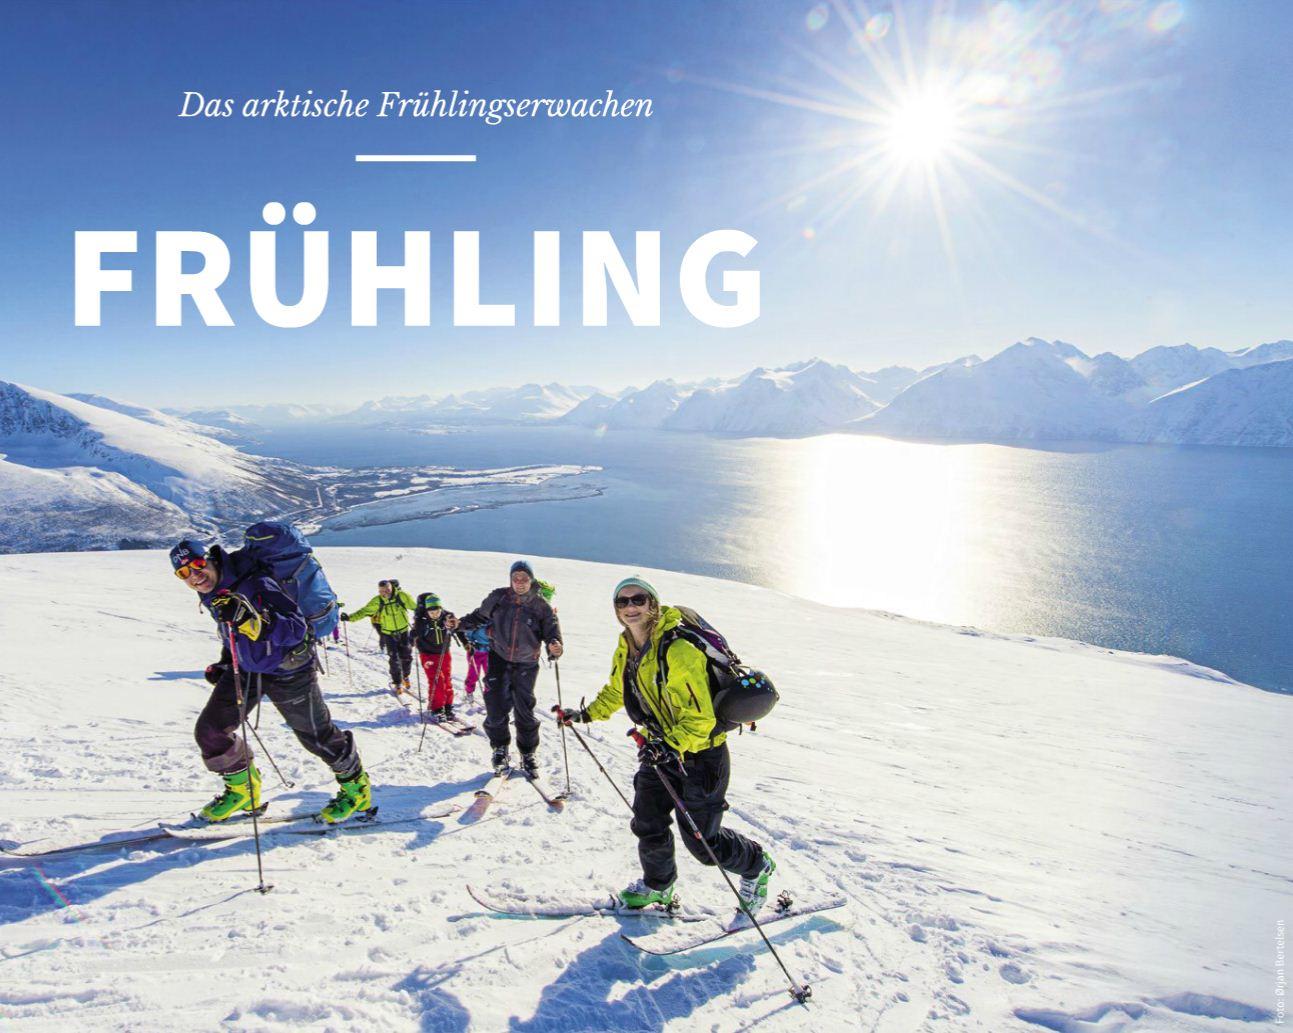 Der Frühling mit Hurtigruten Postschiffreisen